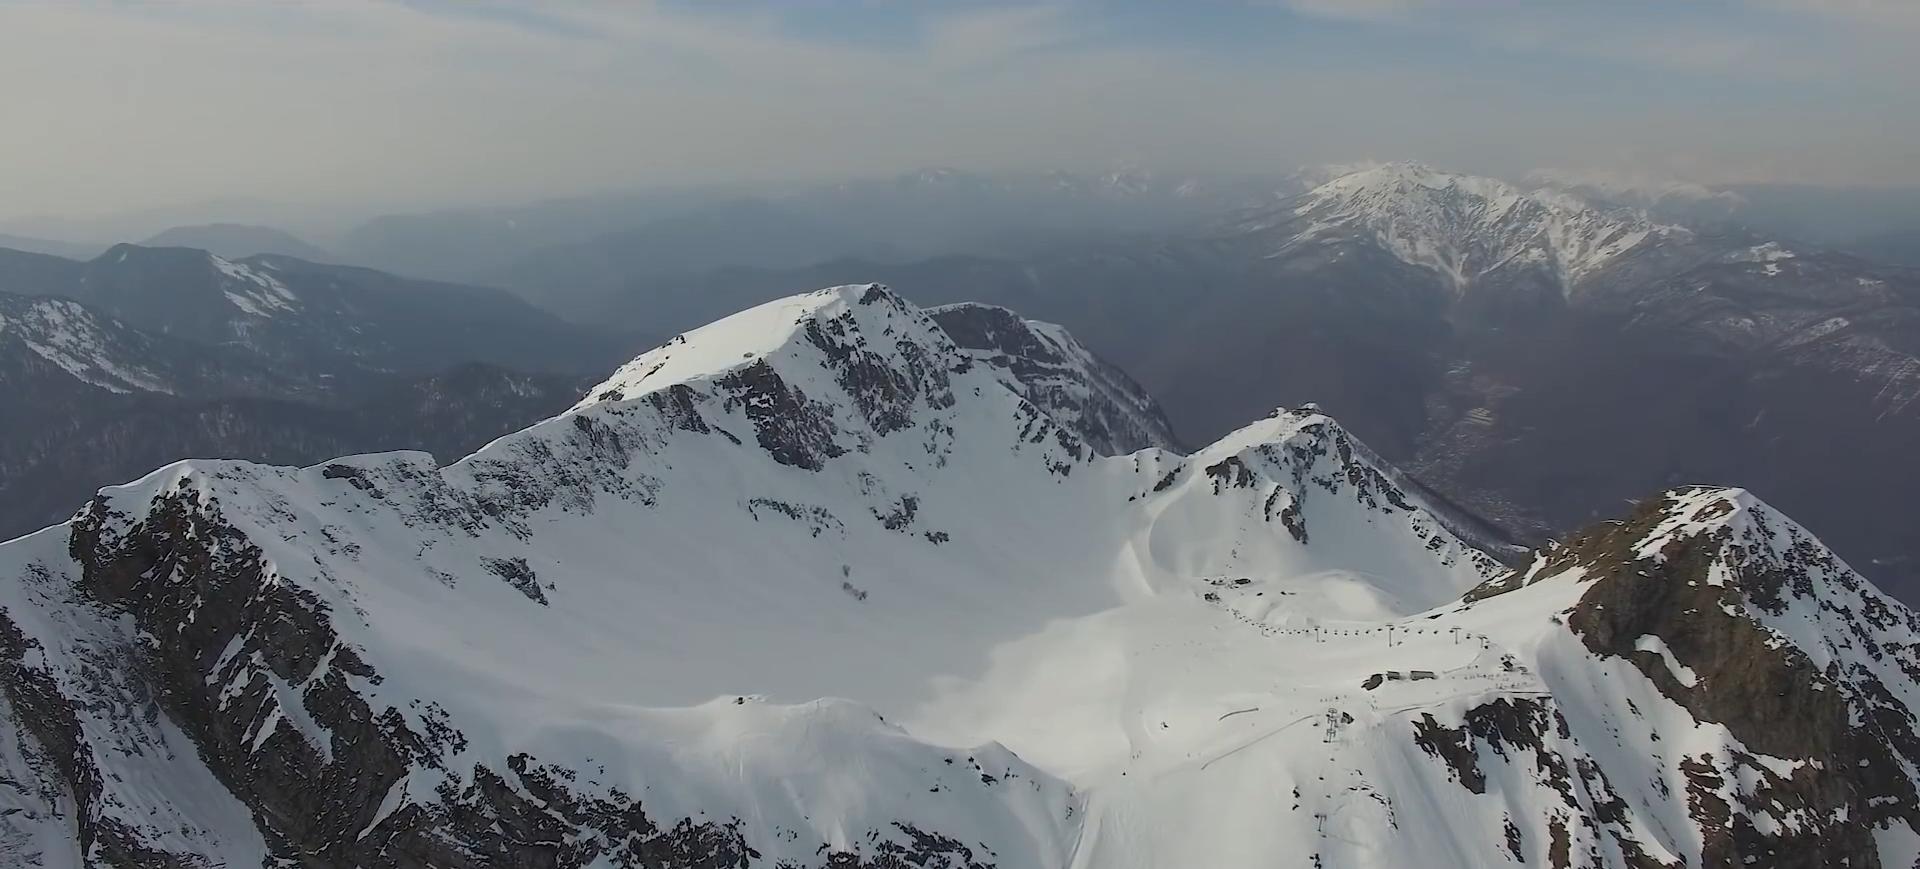 Инструкторы Сочи горные лыжи сноуборд